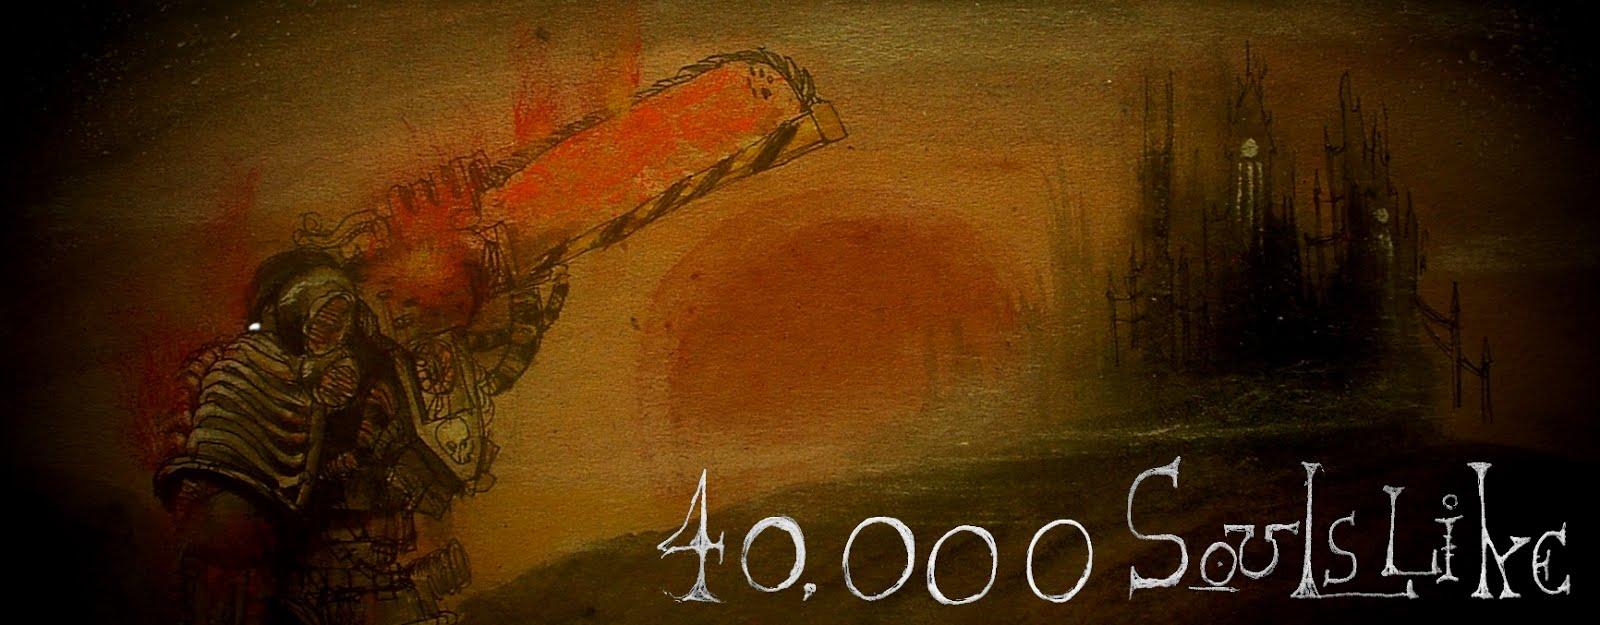 40,000 Soulslike